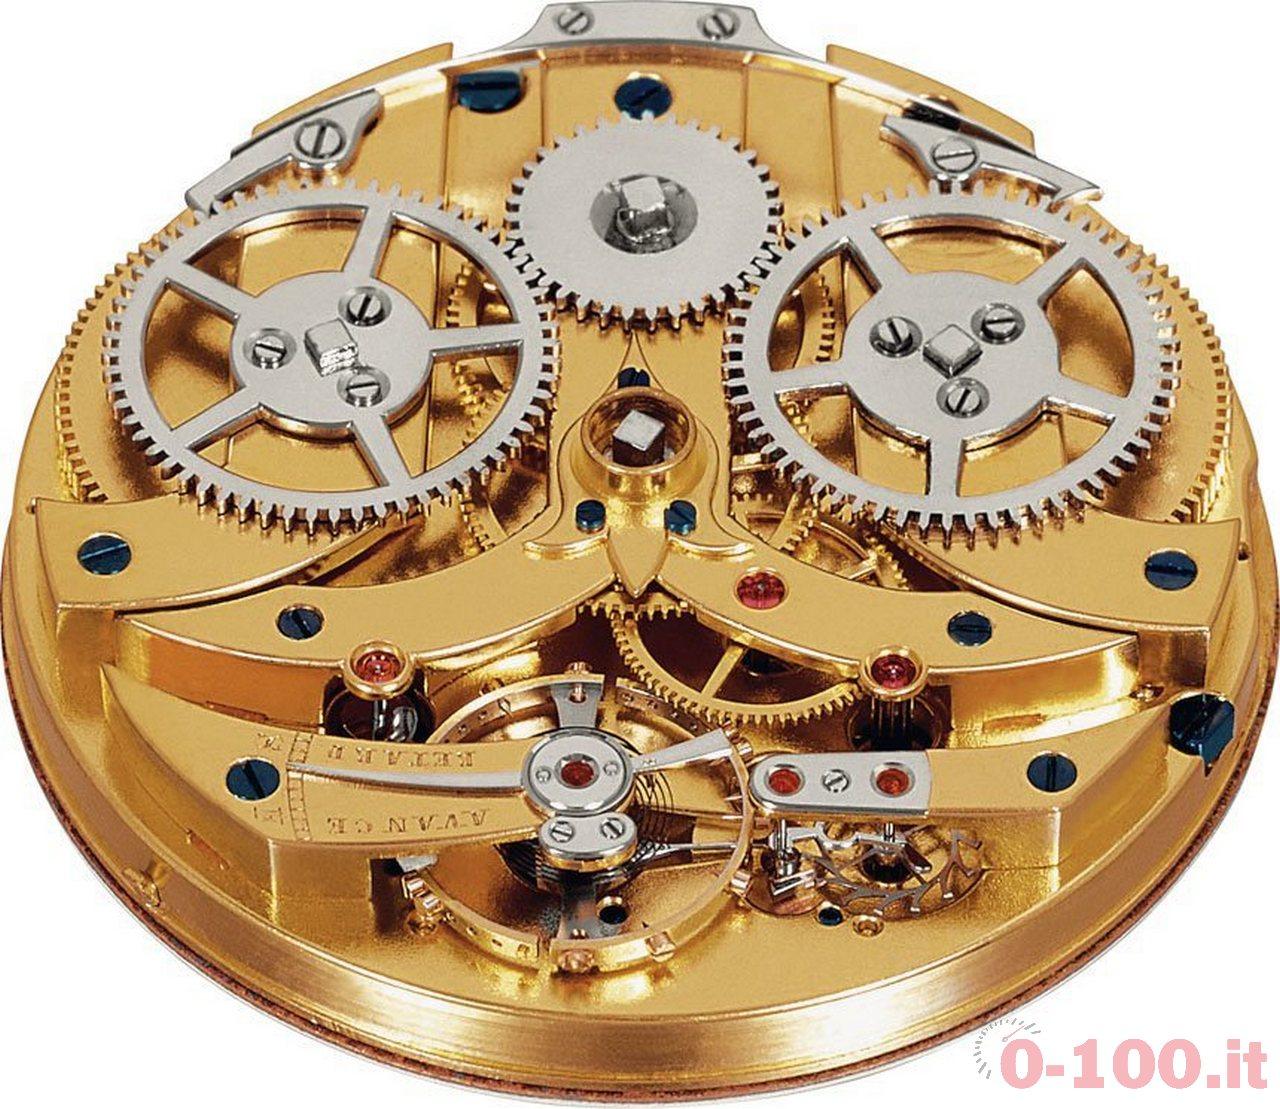 czapek-cie-quai-des-bergues-collection-prezzo-price_0-1007